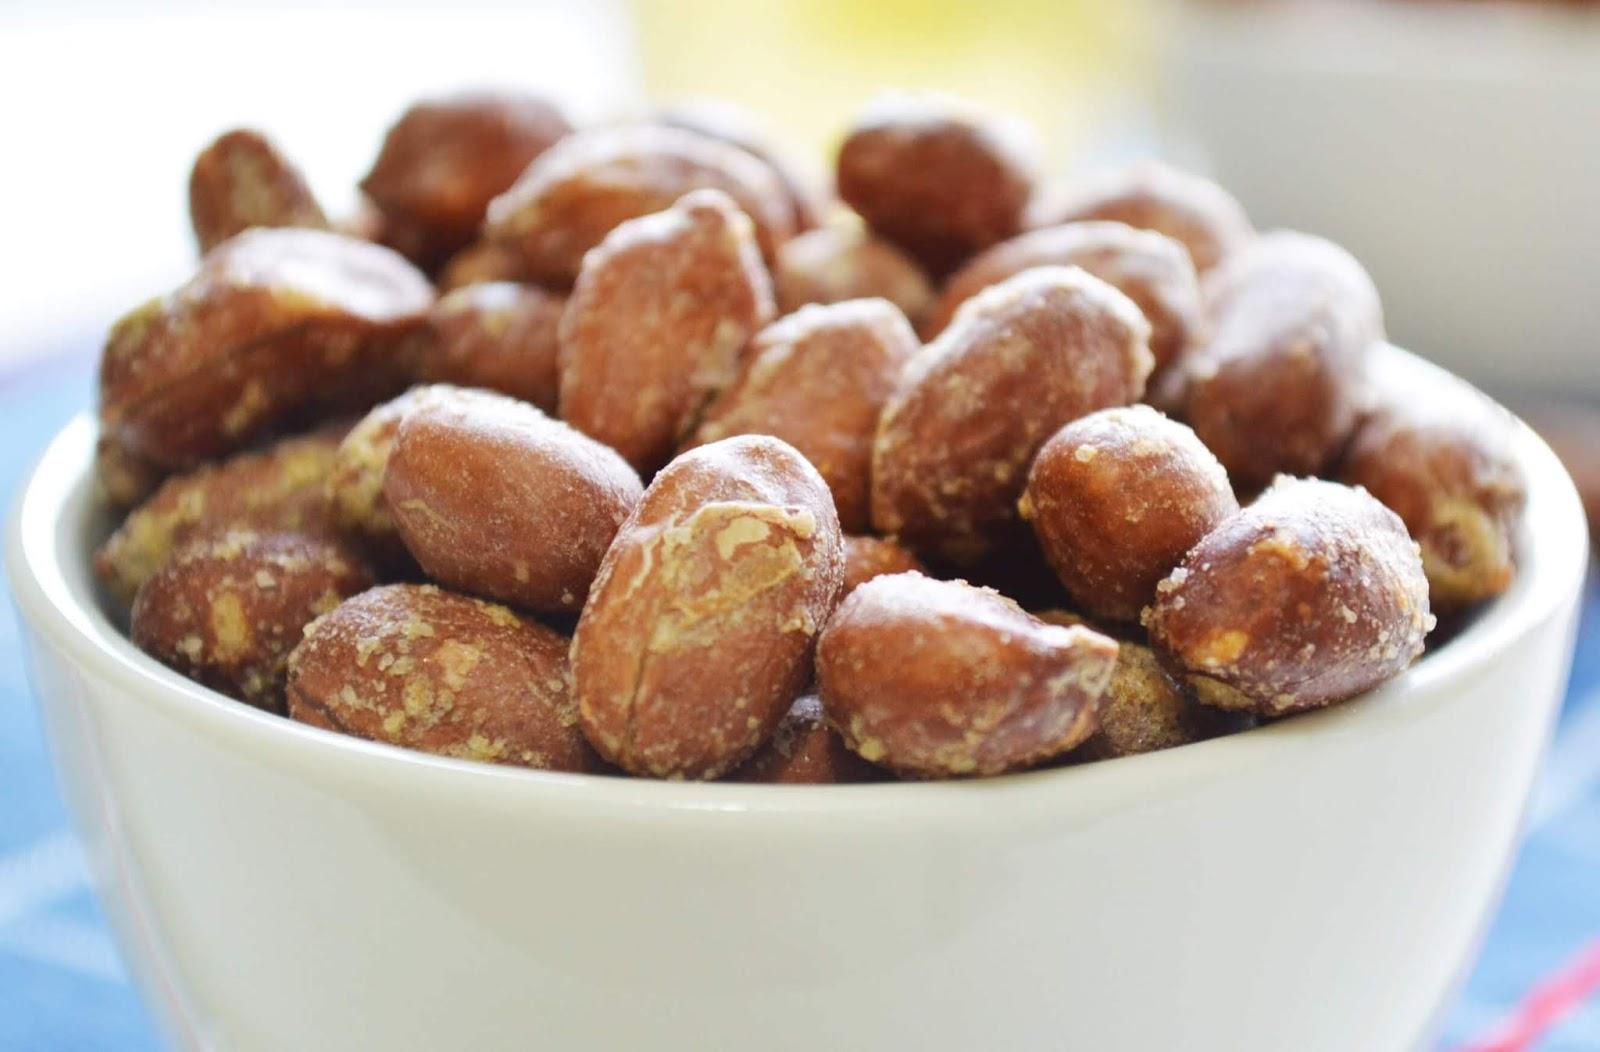 amendoim salgado 3